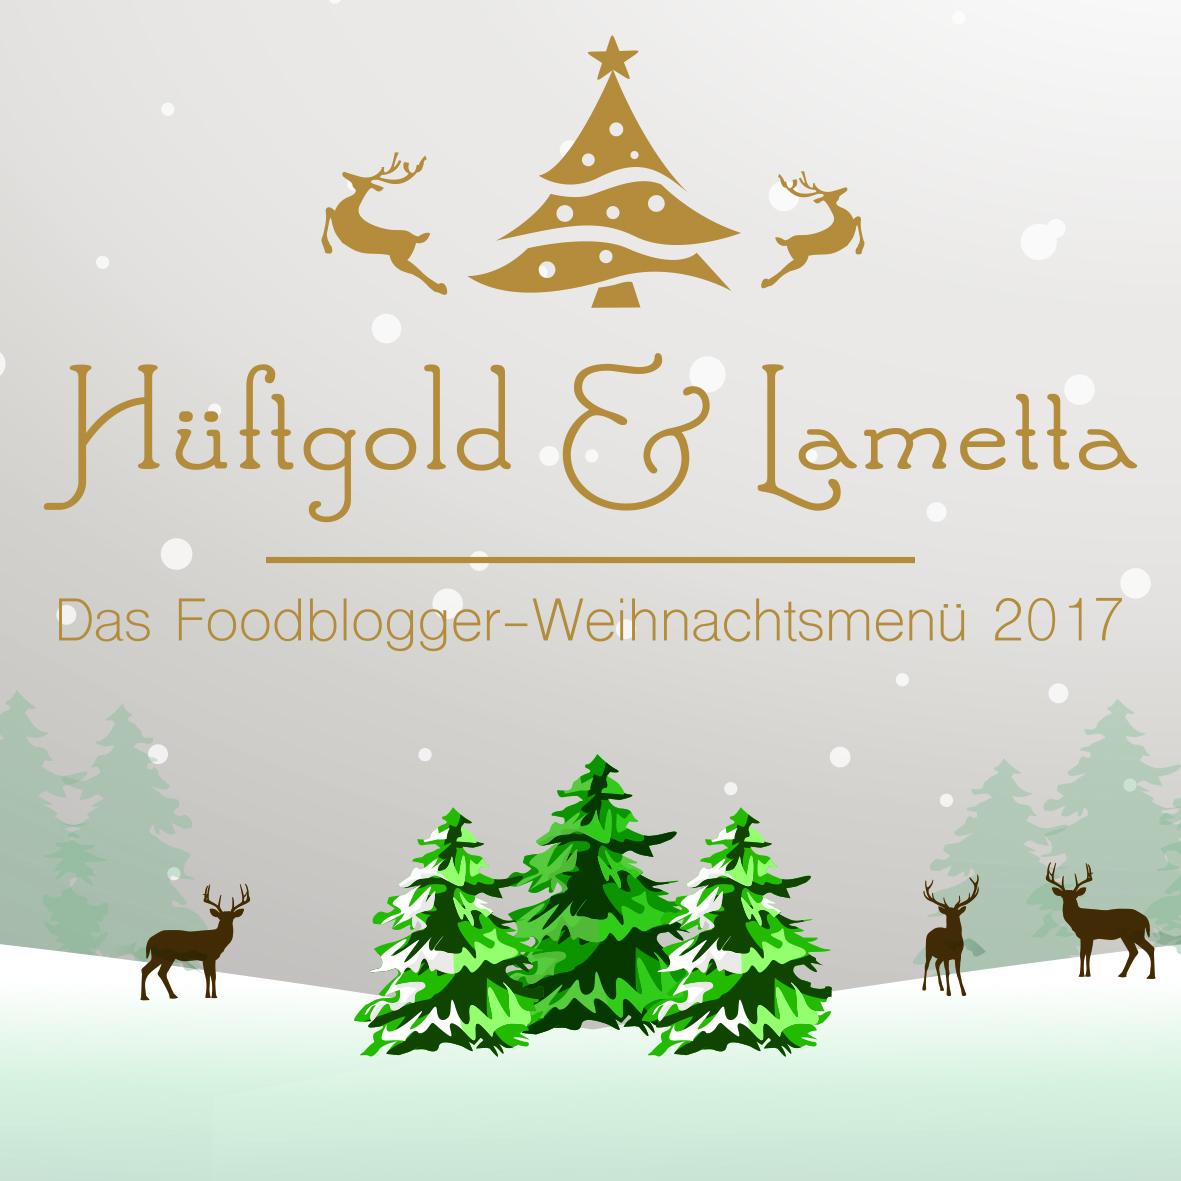 Hüftgold & Lametta